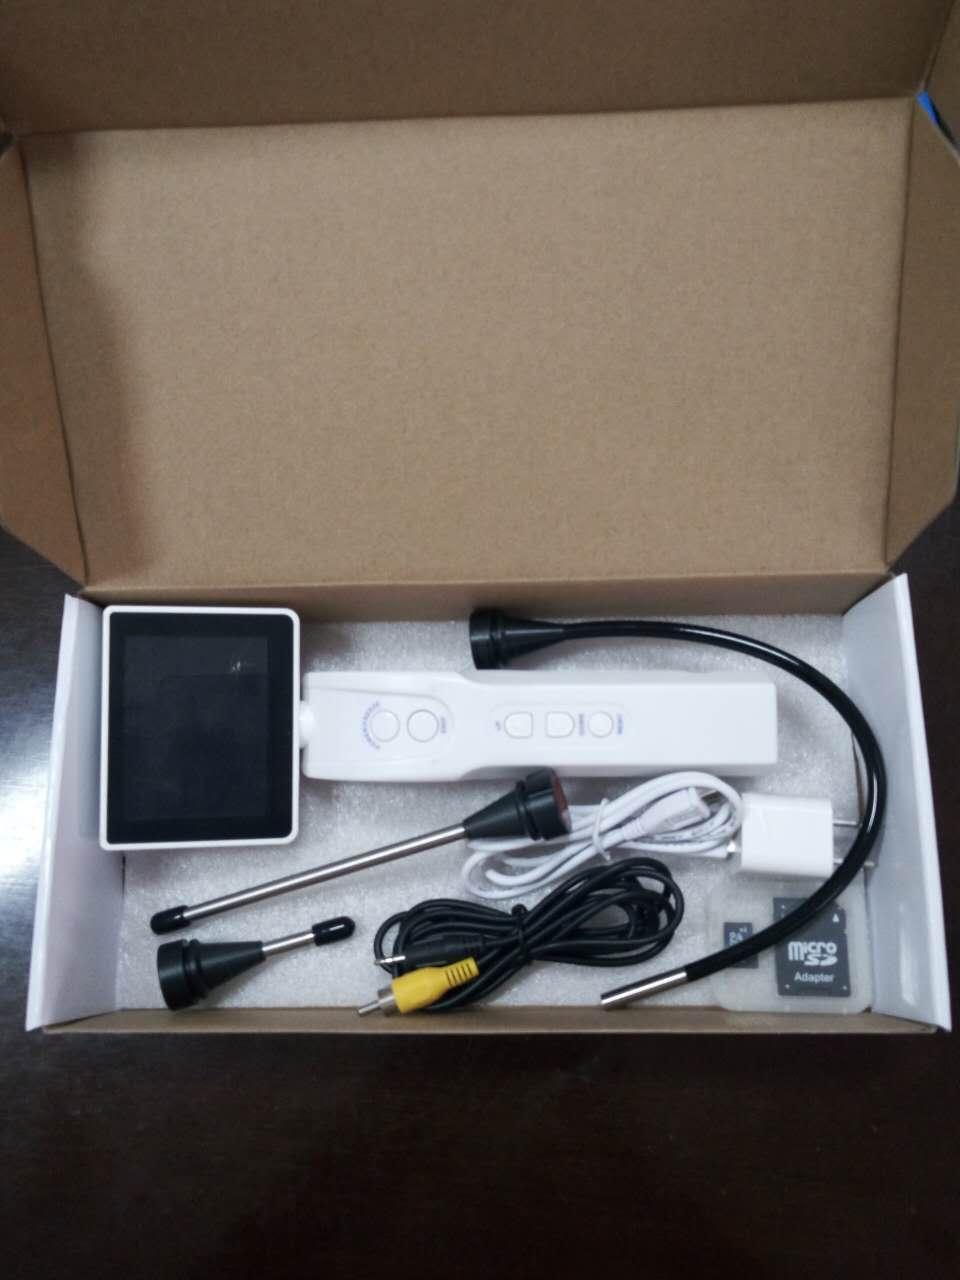 MSLVL3R ENT image inspection scope